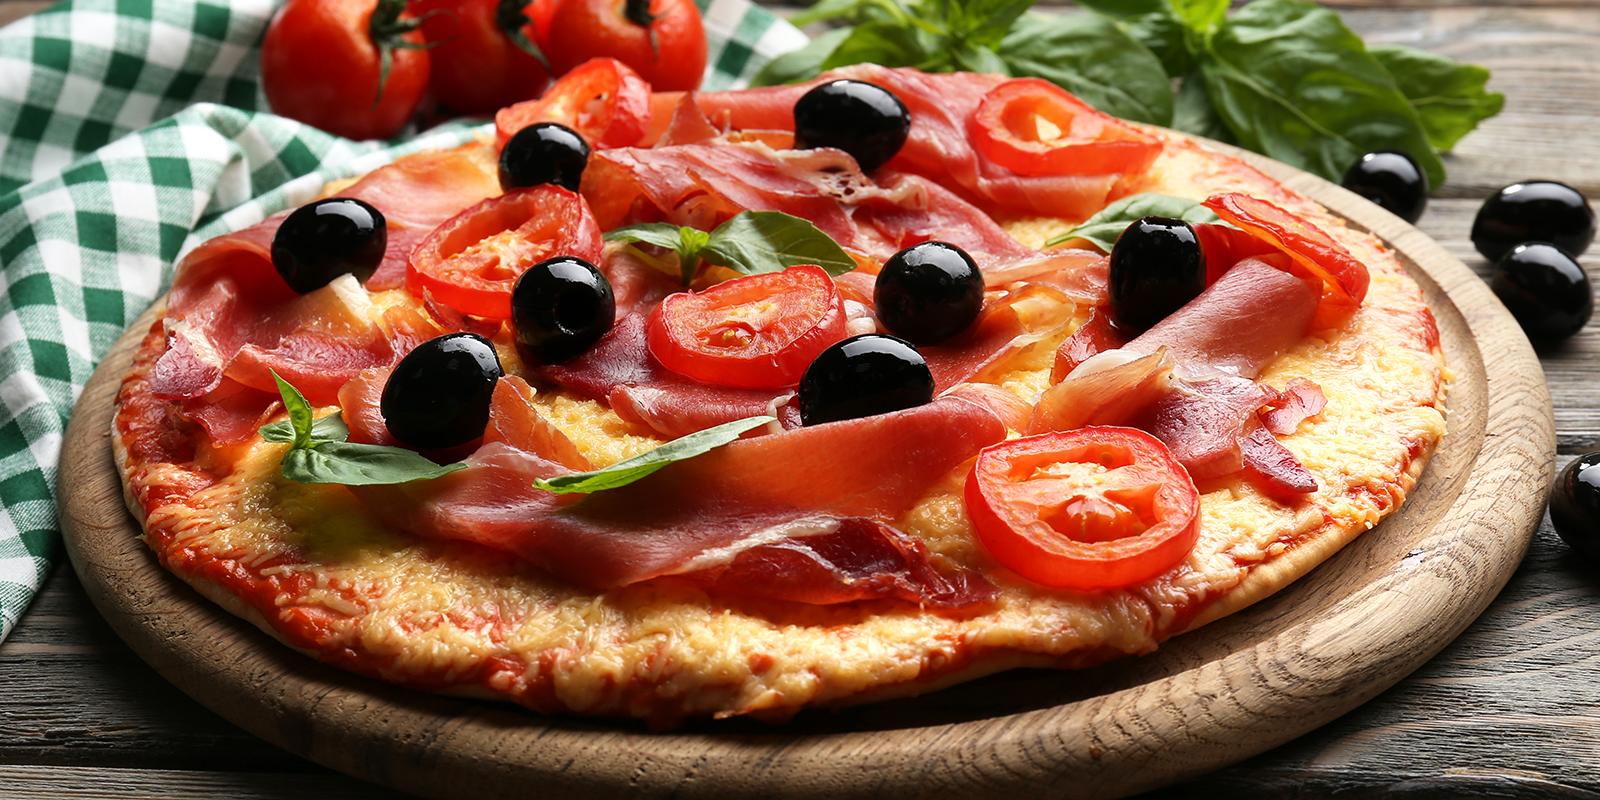 Pizza Chicago Pizza Chicago Runcorn Takeaway Order Online